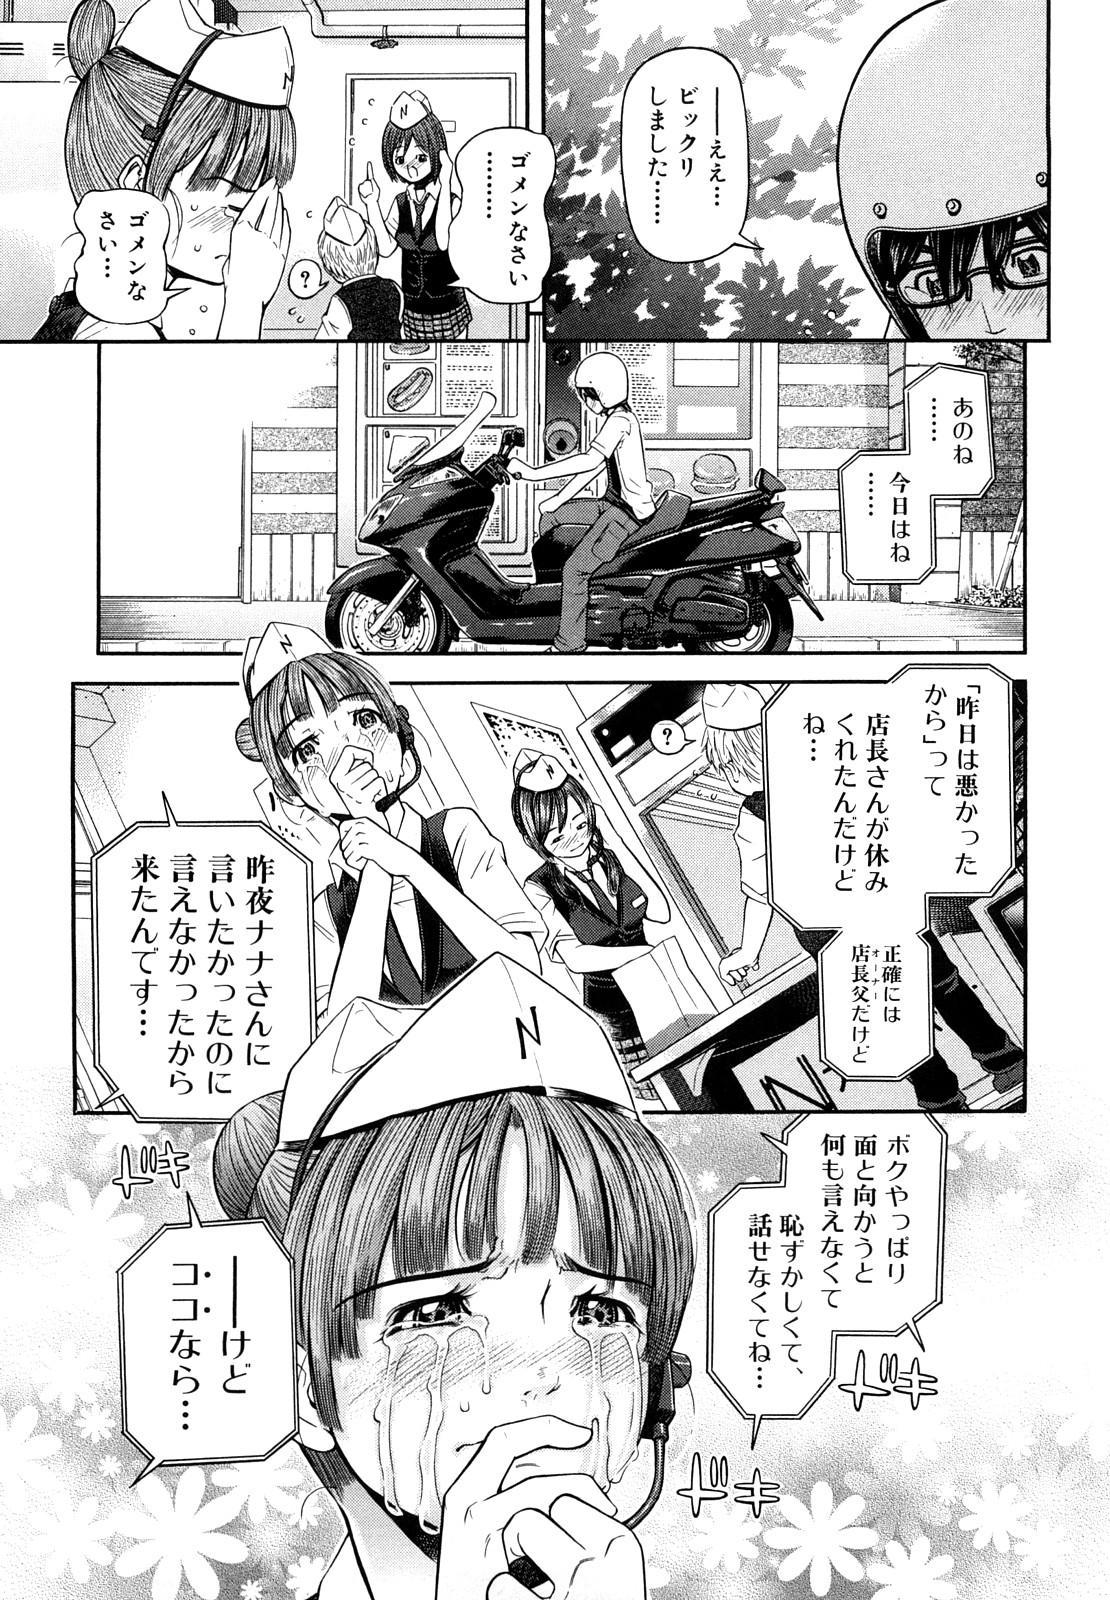 Chijyotachi no Kirifuda 205